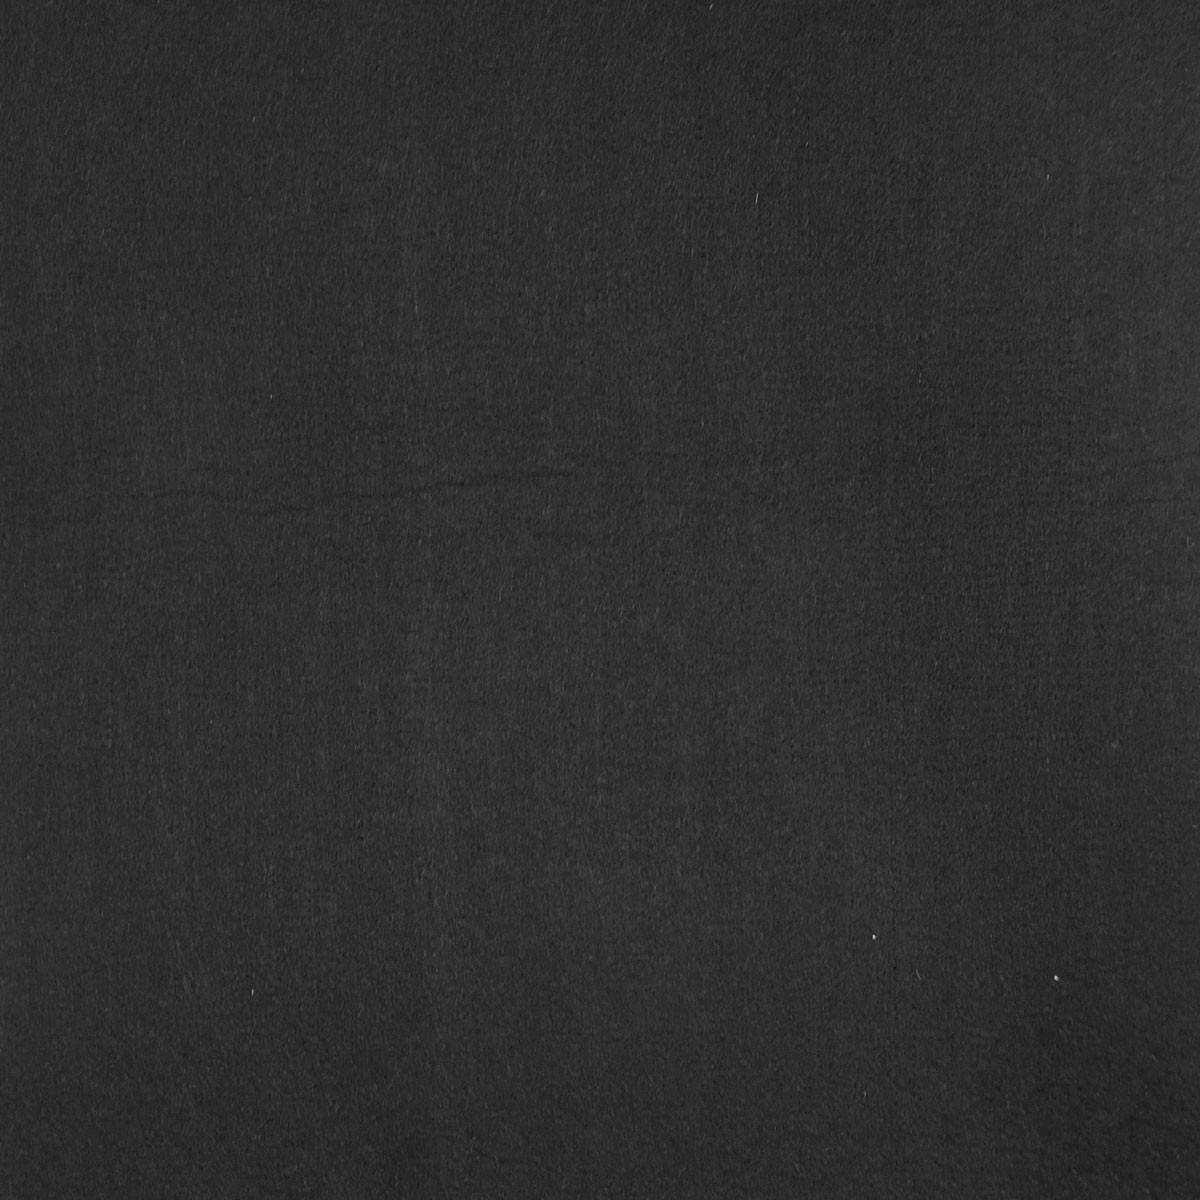 Kreativstoff Bastelfilz einfarbig schwarz 45cm Breite 4mm Stärke